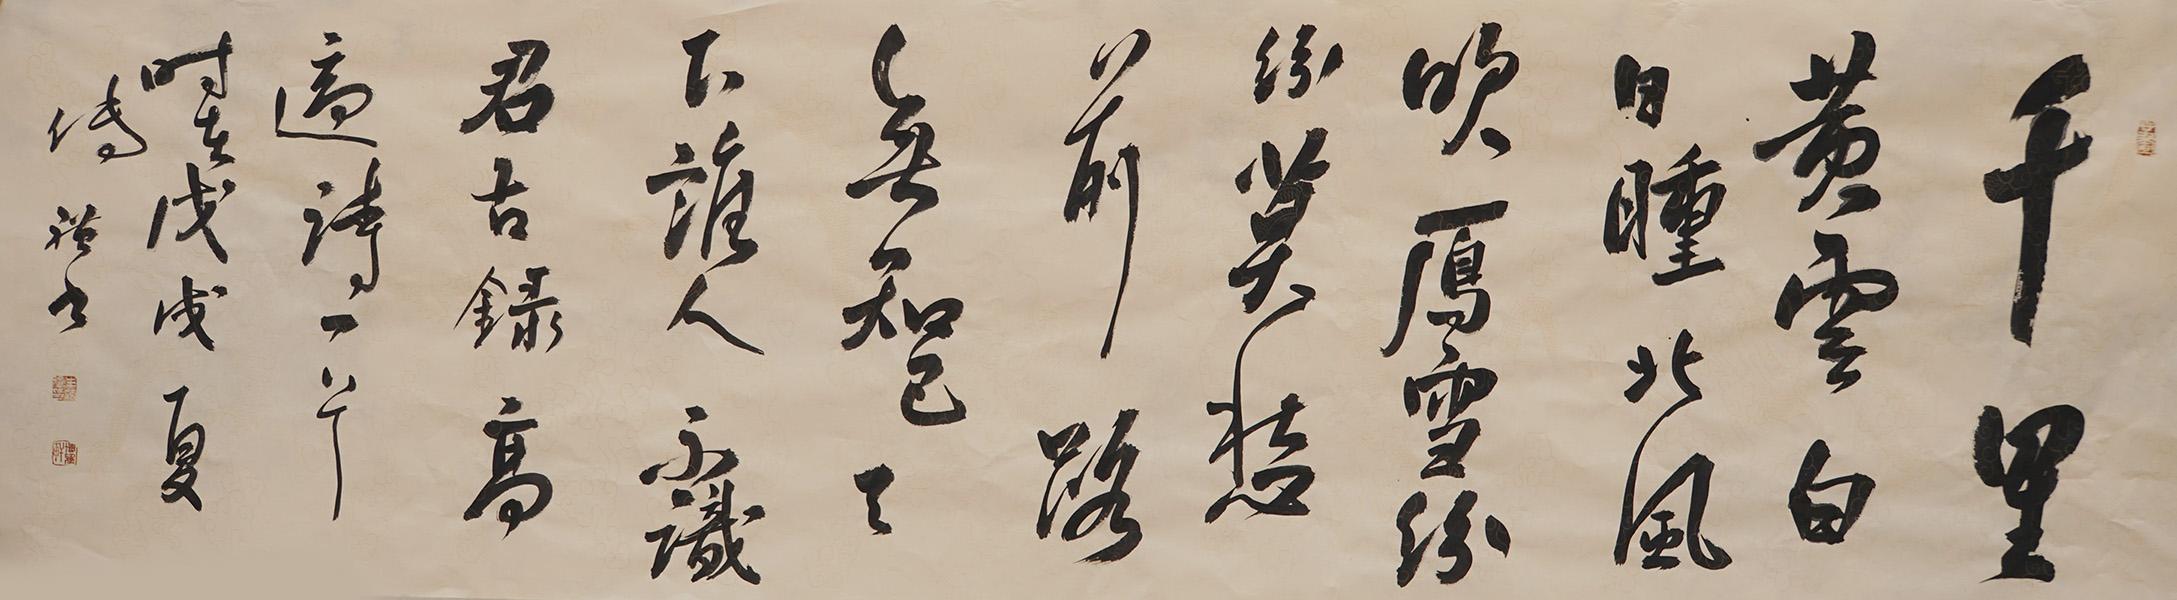 朱传礼作品之一 (12)